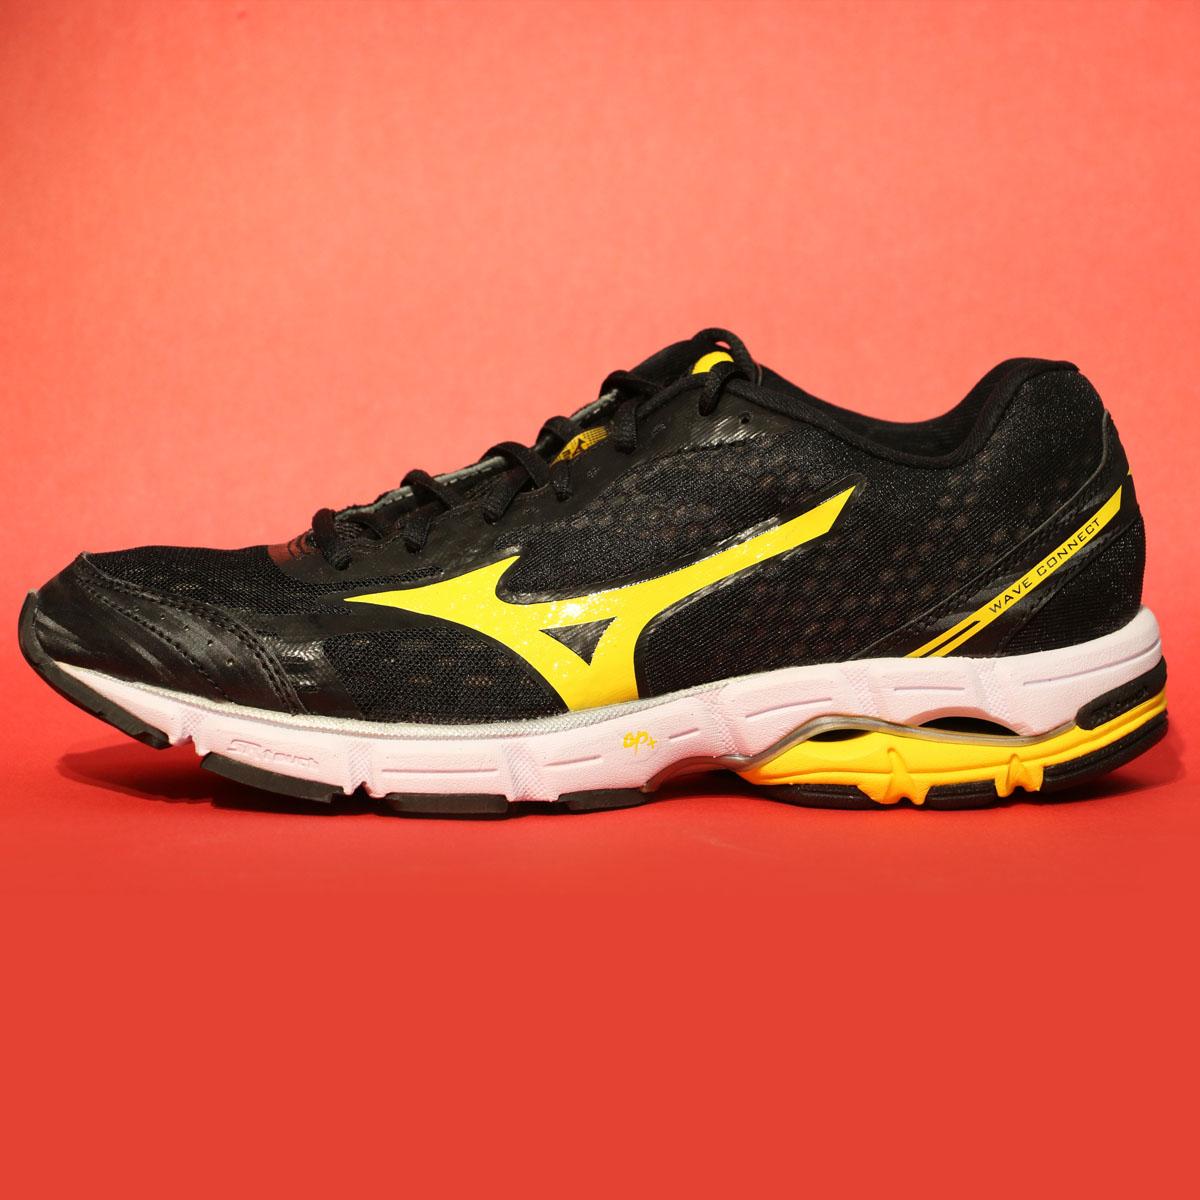 کفش پیاده روی مردانه میزانو مدل Wave Connect کد J1GC144845